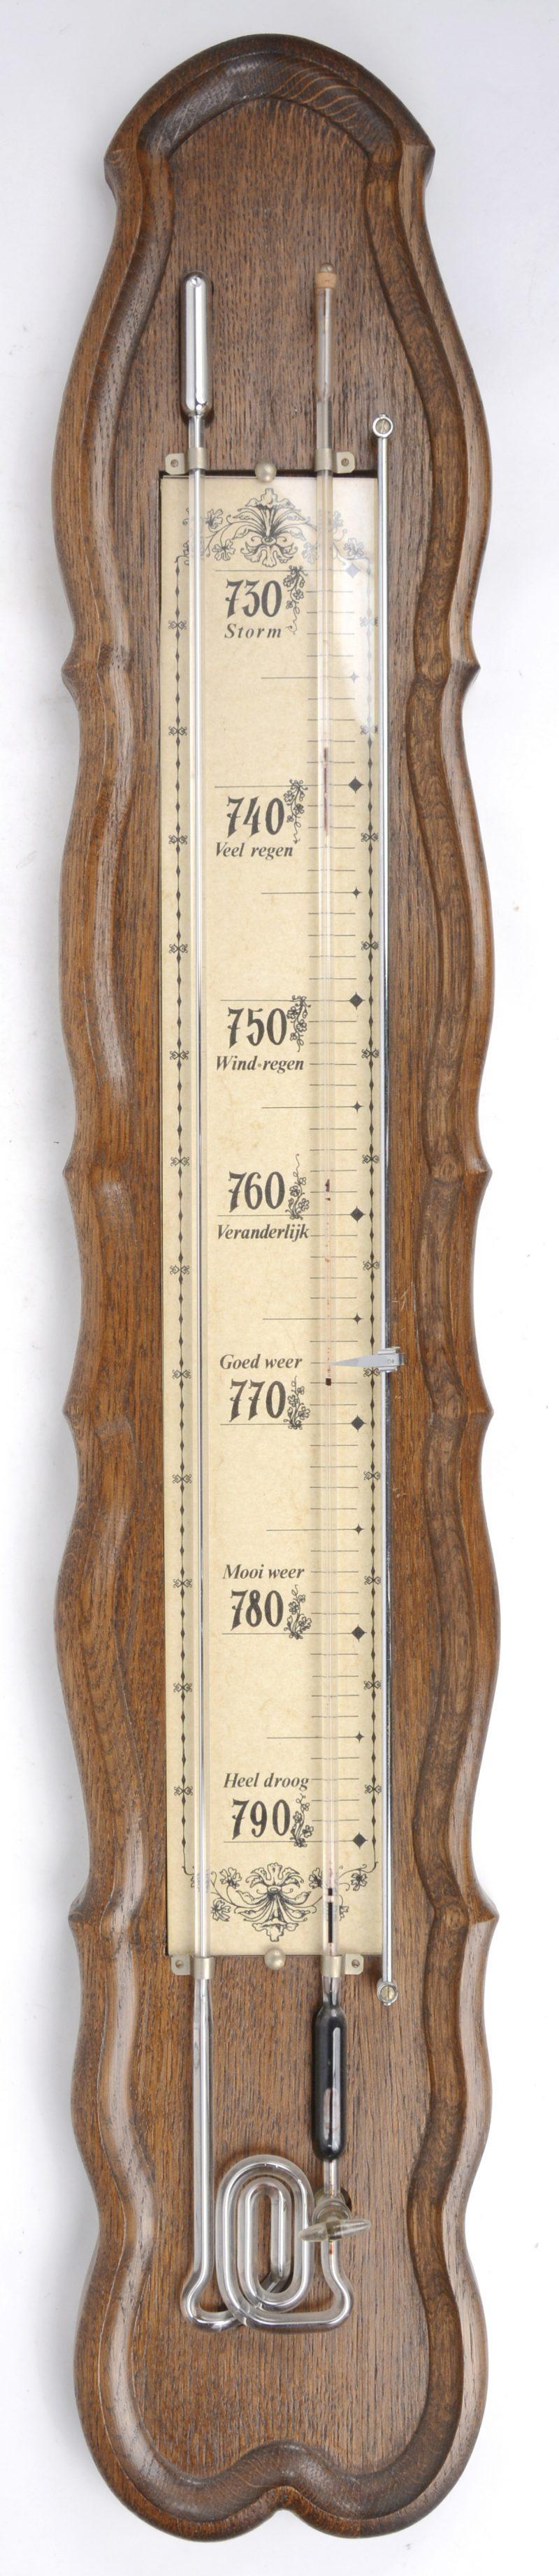 Een barometer op eikenhouten plank.